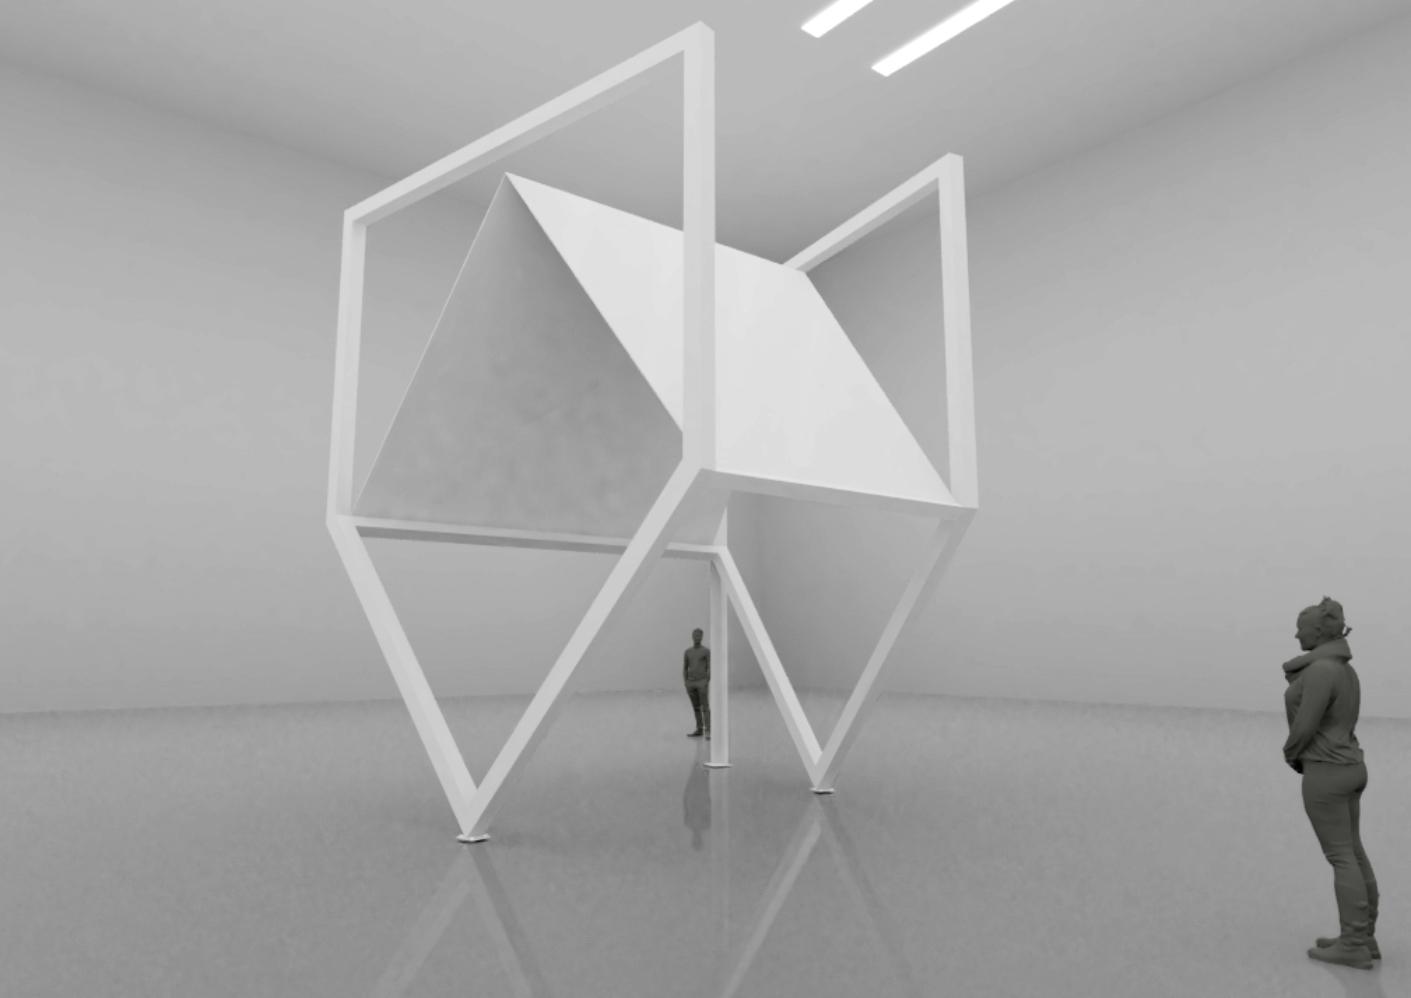 UBE Biennalle 2021 - Thierry Ferreira